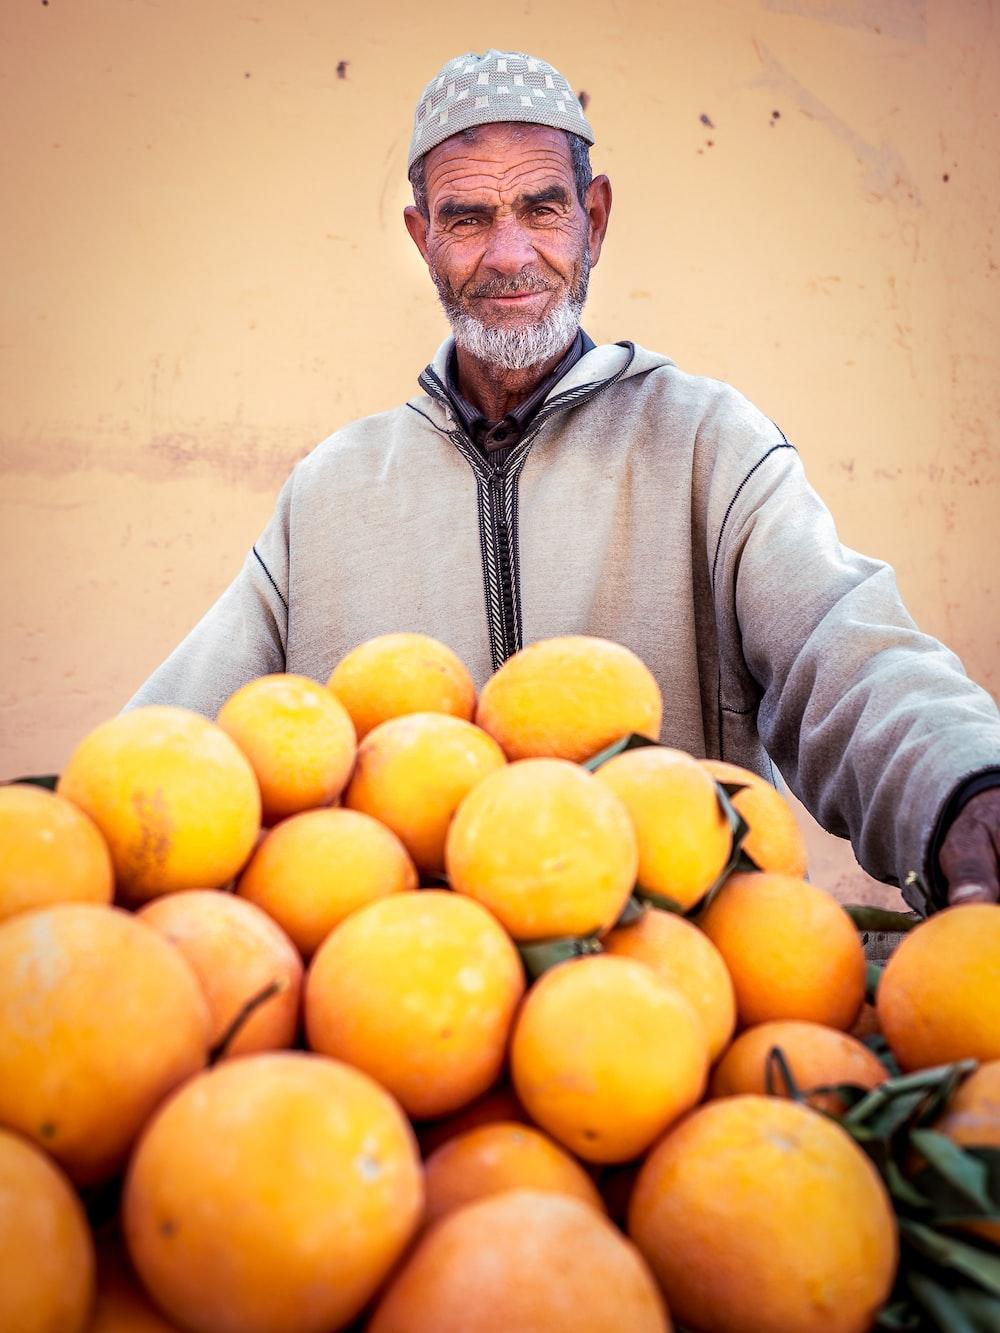 man holding oranges photo – Free Morocco Image on Unsplash